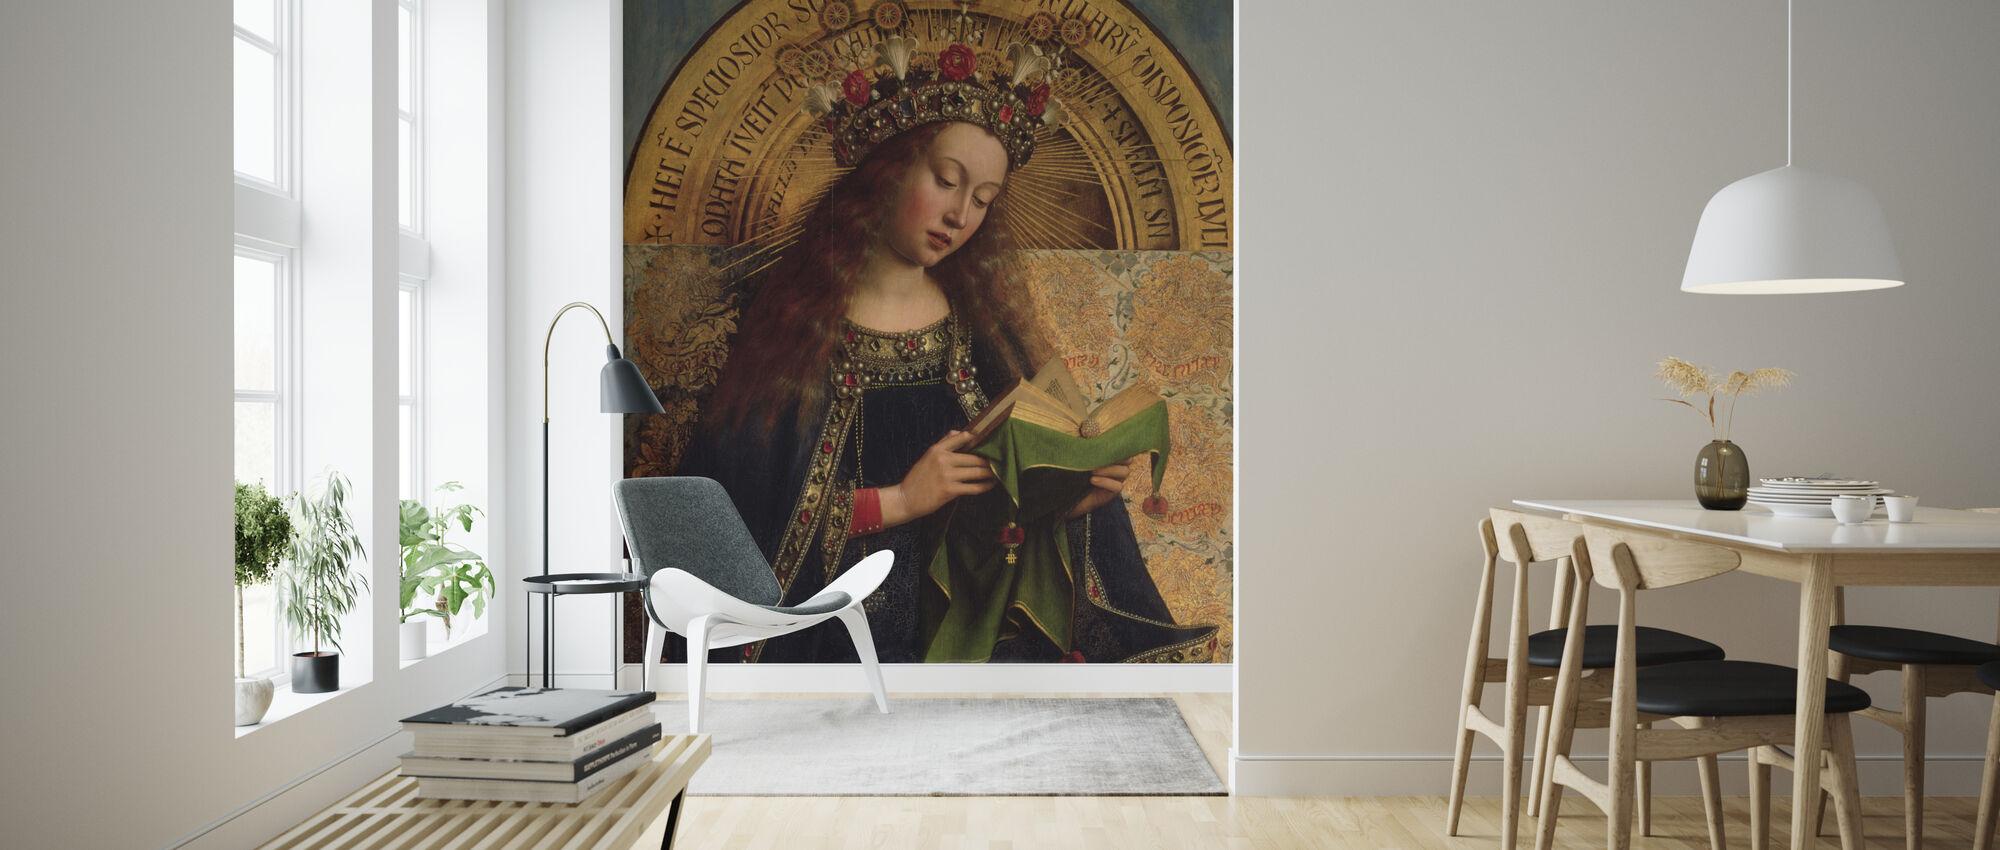 Virgin Mary - Hubert Eyck - Wallpaper - Living Room